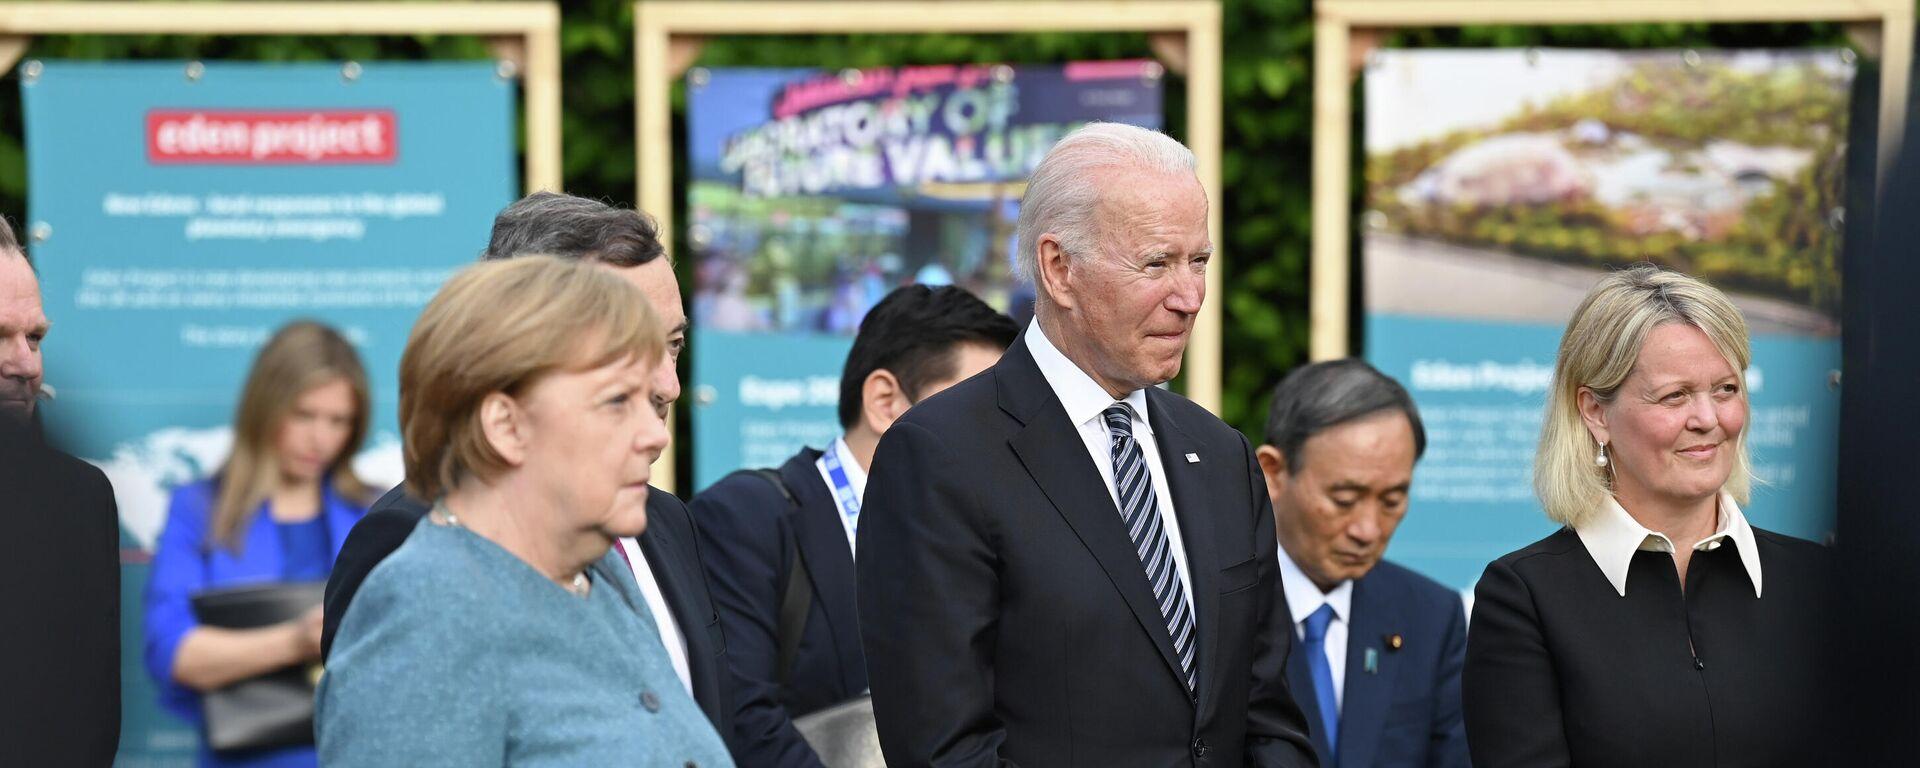 Joe Biden al G7 - Sputnik Italia, 1920, 15.06.2021